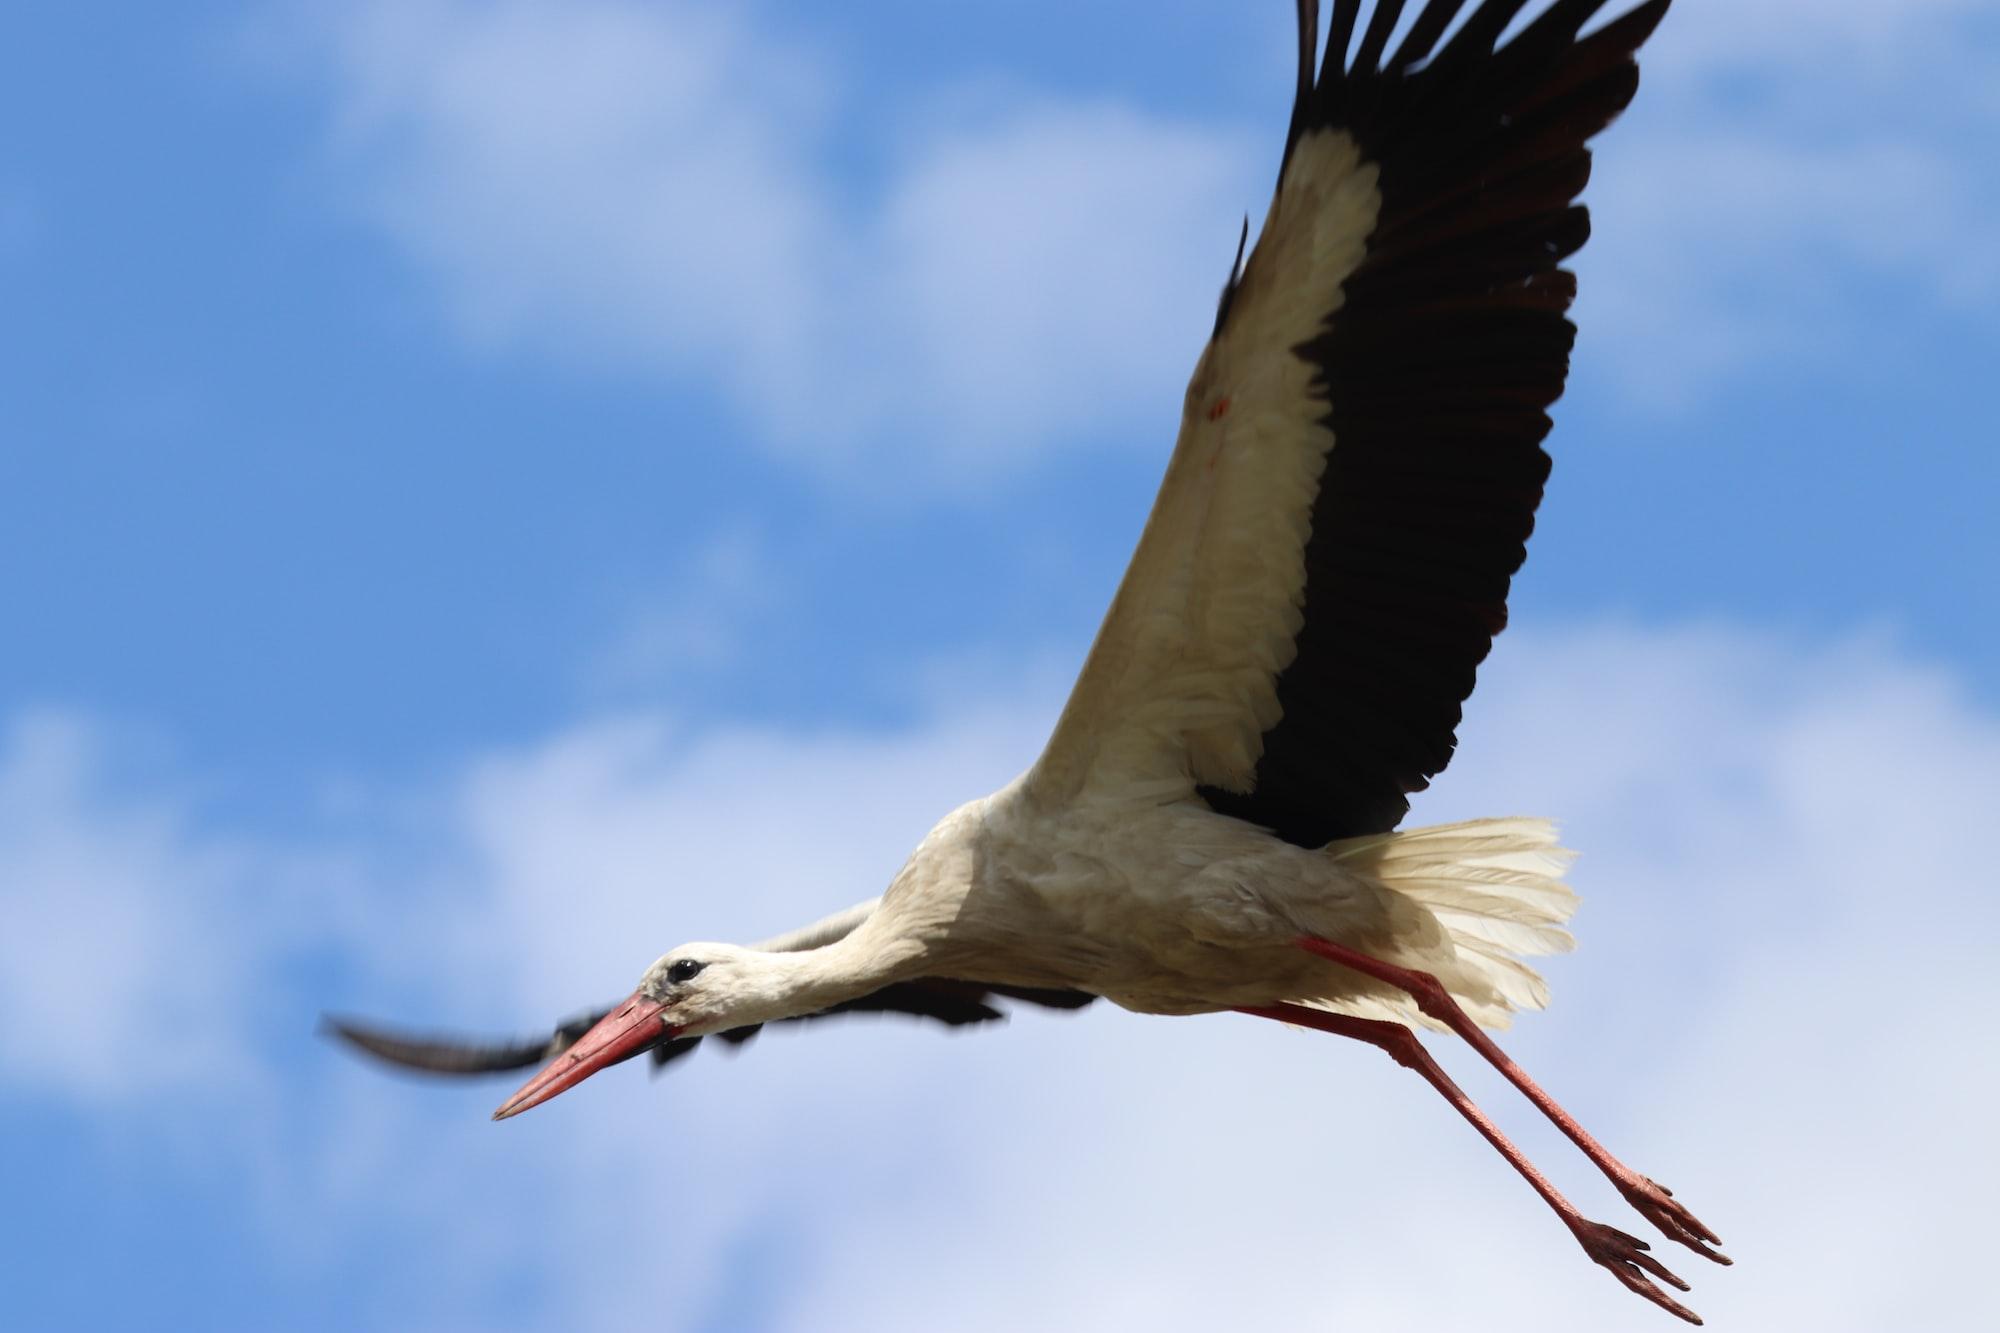 Stork in Poland